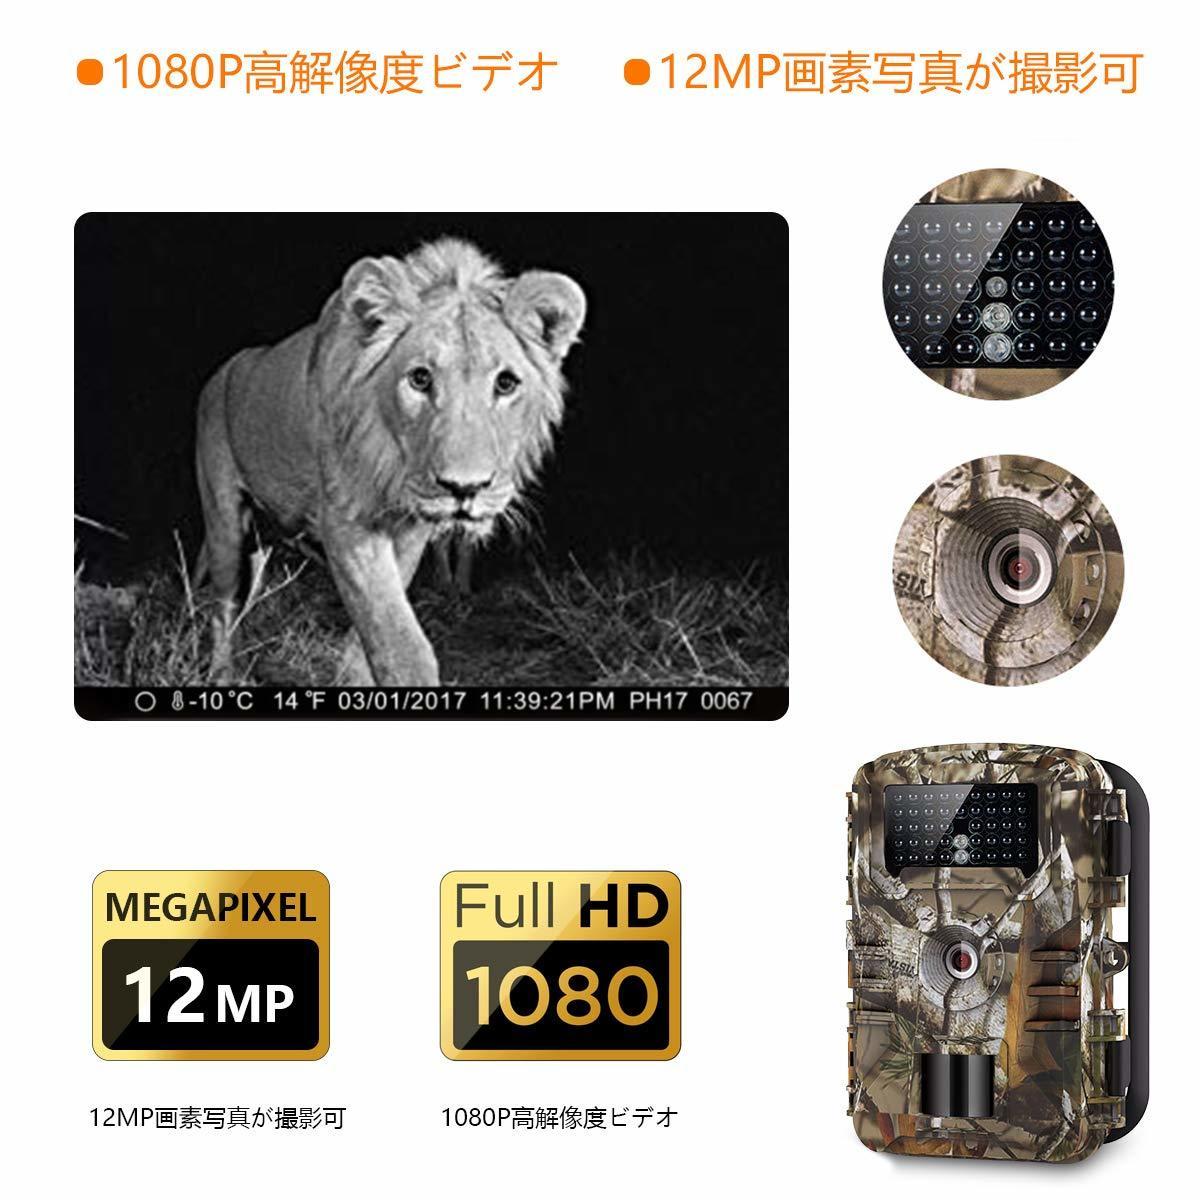 トレイルカメラ 防犯カメラ 暗視カメラ 人感センサー1200万画素 IP56防水 1080P フルHD 動き検知 不可視赤外線LEDライト 日本語説明書_画像4